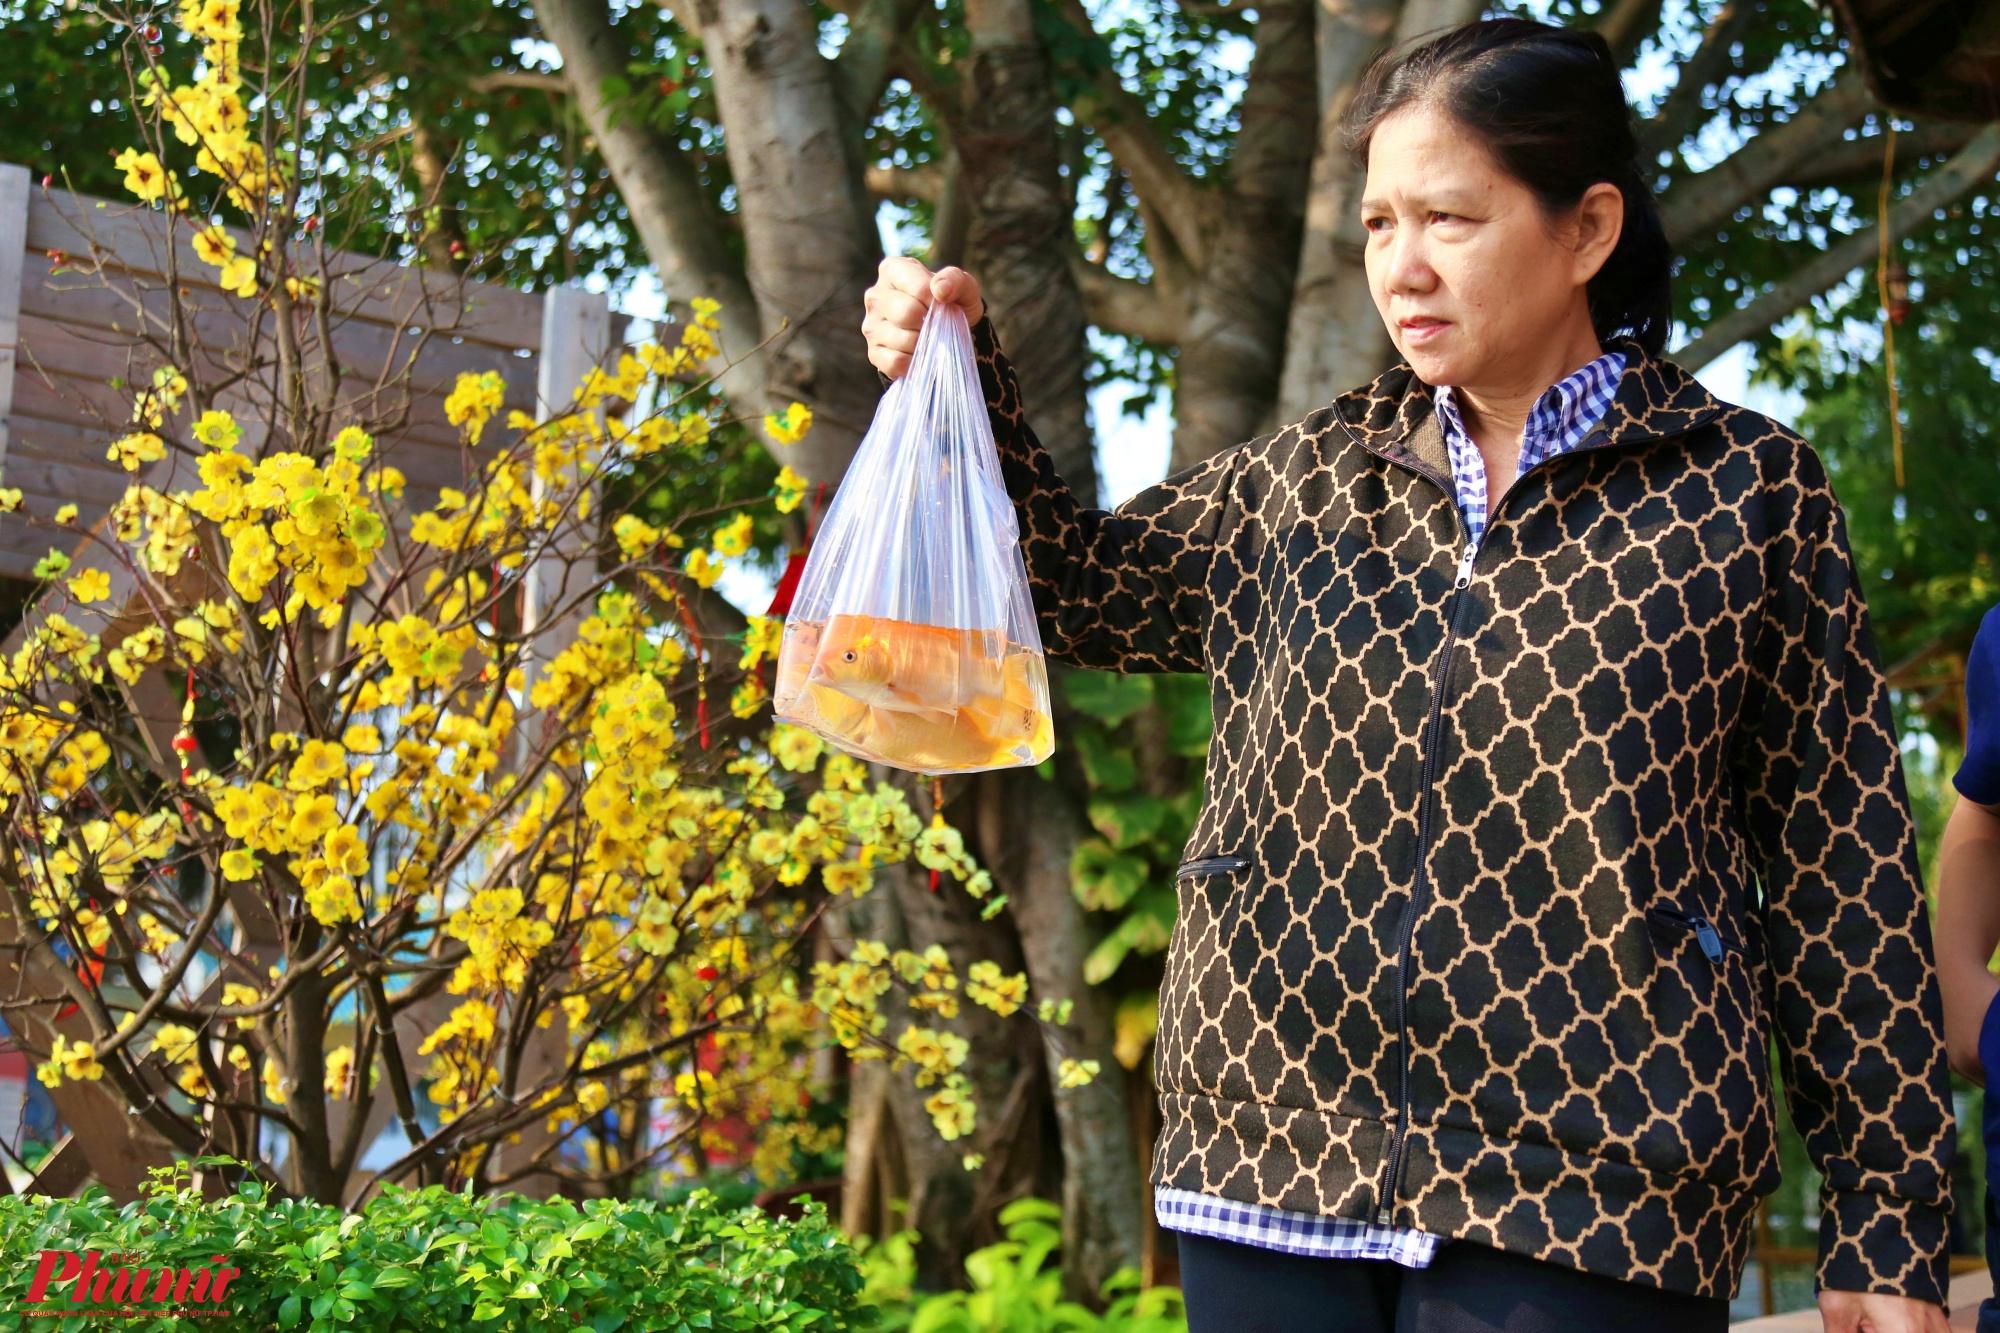 Sáng sớm ngày 17/1, tức ngày 23 tháng Chạp, nhiều người dân Sài Gòn đã làm lễ cúng tiễn ông Công ông Táo về trời.  Trong ảnh chị  Liên ở quận Bình Thạnh tranh thủ thả cá chép trên sông Sài Gòn sau khi cúng ông Táo